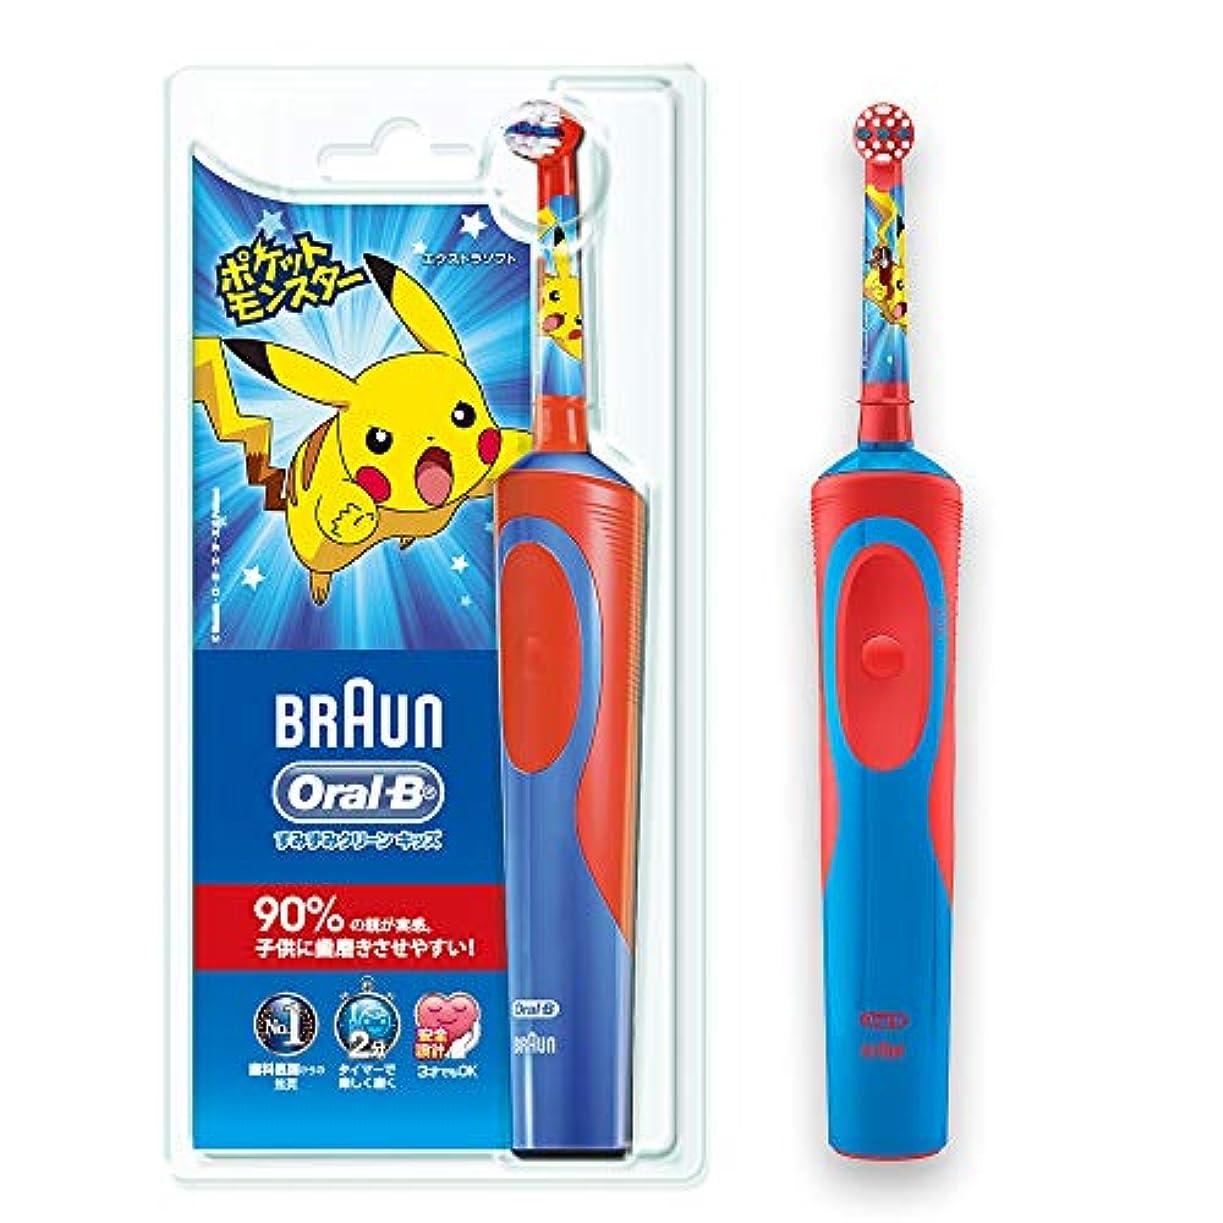 クーポン概念インターネットブラウン オーラルB 電動歯ブラシ 子供用 D12513KPKMB すみずみクリーンキッズ 本体 レッド ポケモン 歯ブラシ